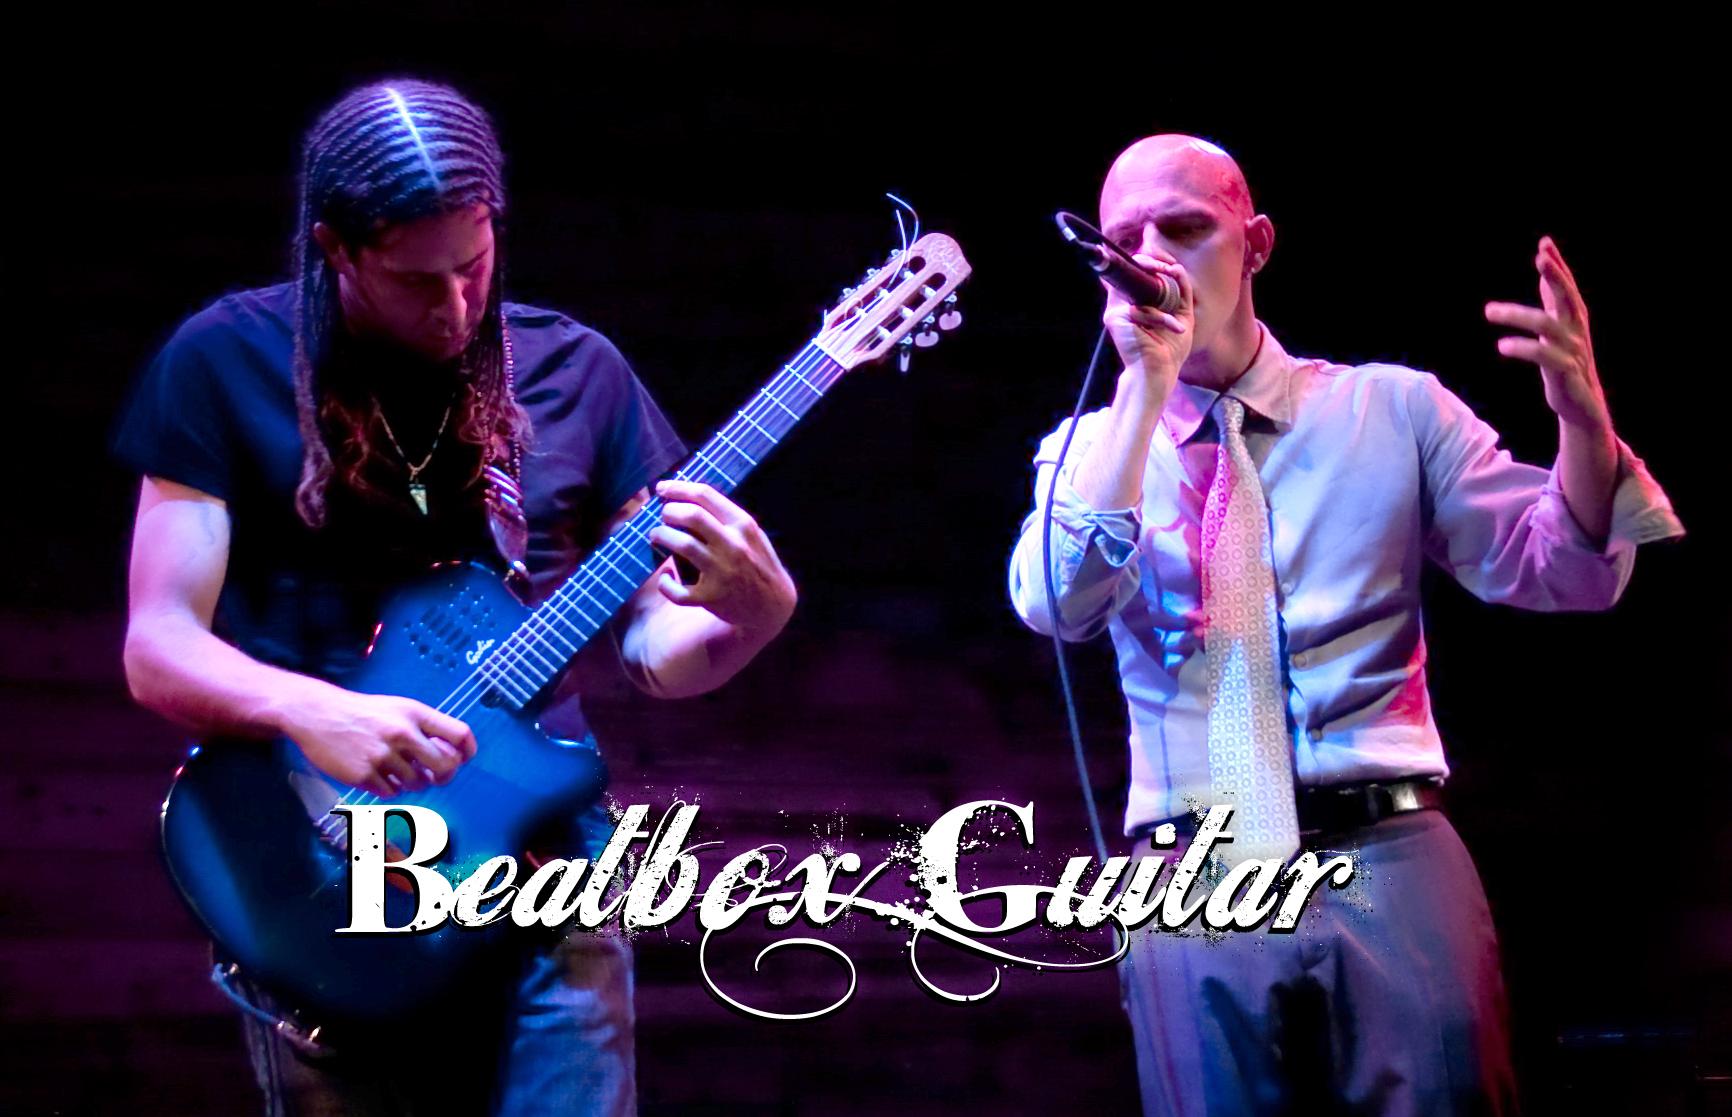 Beatbox Guitar - @ Galapagos w/ logo